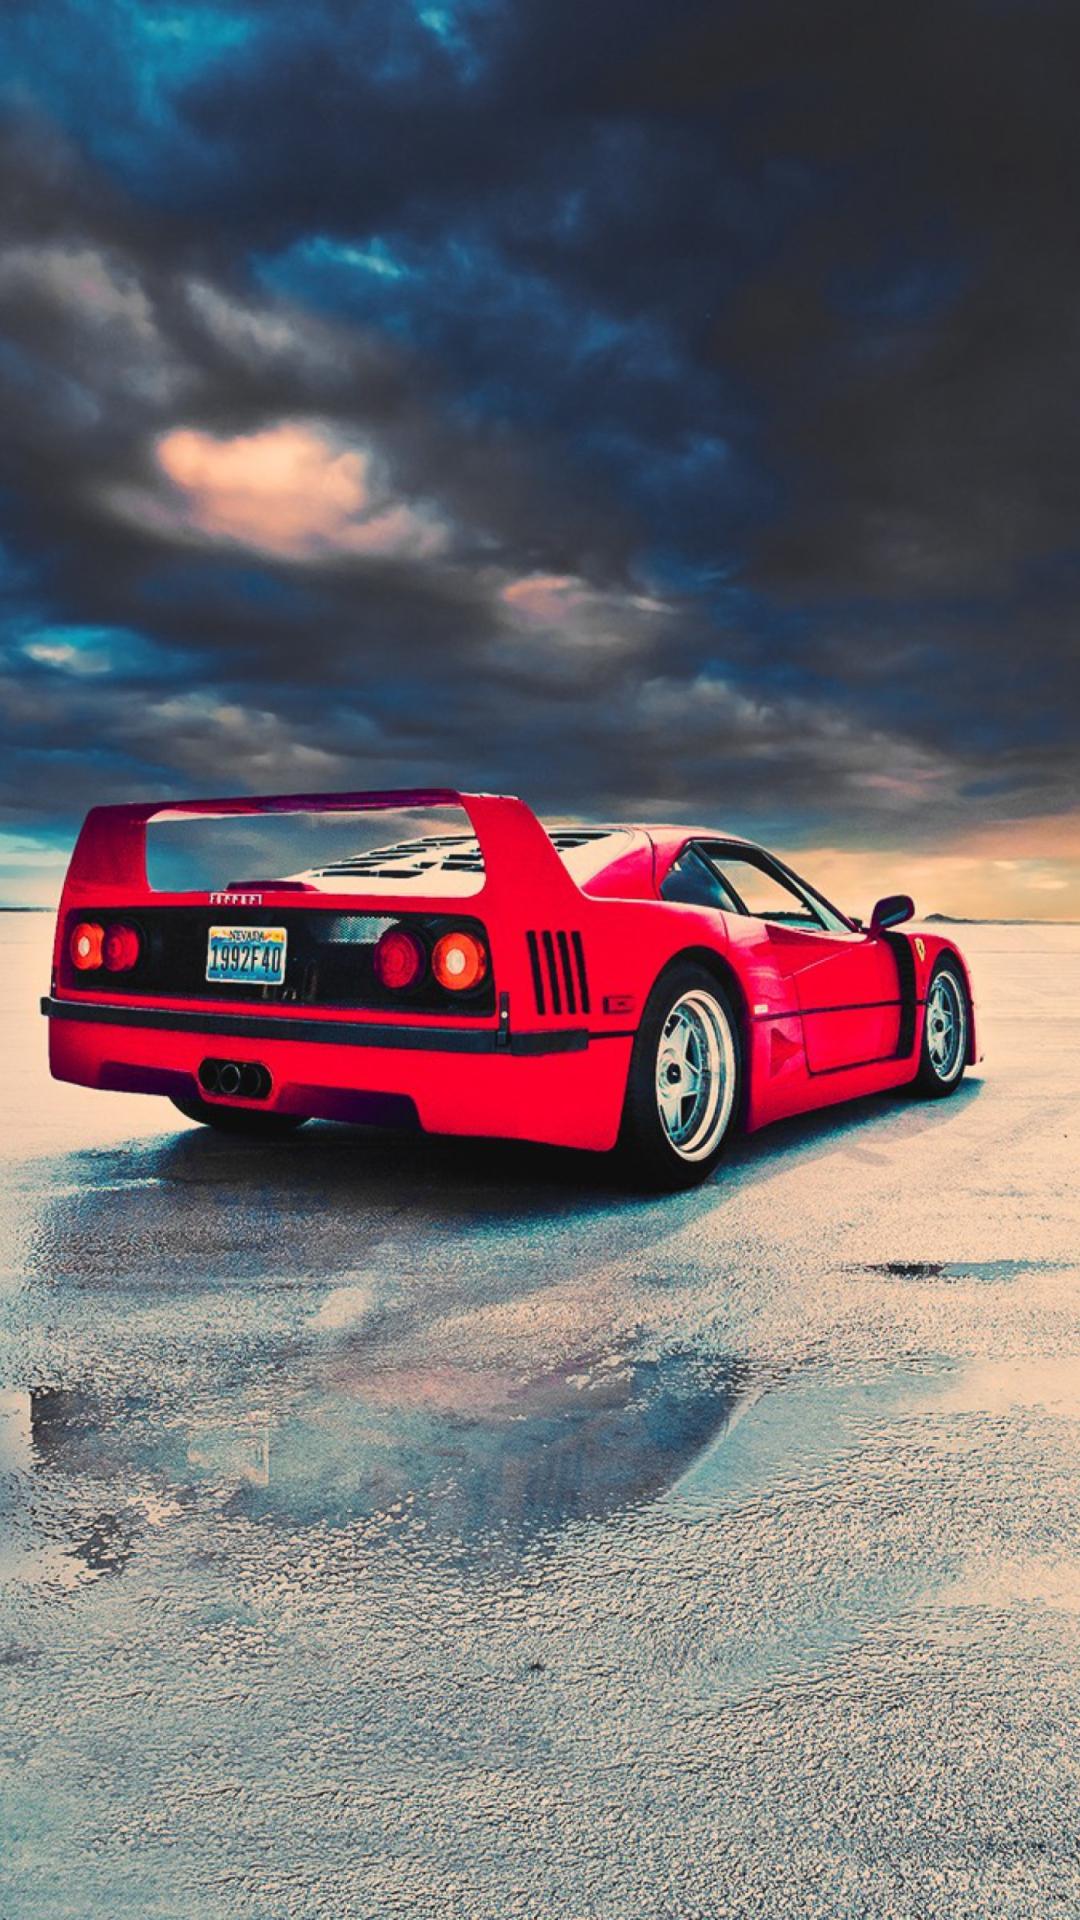 Red Ferrari F40 Rear Angle Wallpaper For 1080x1920